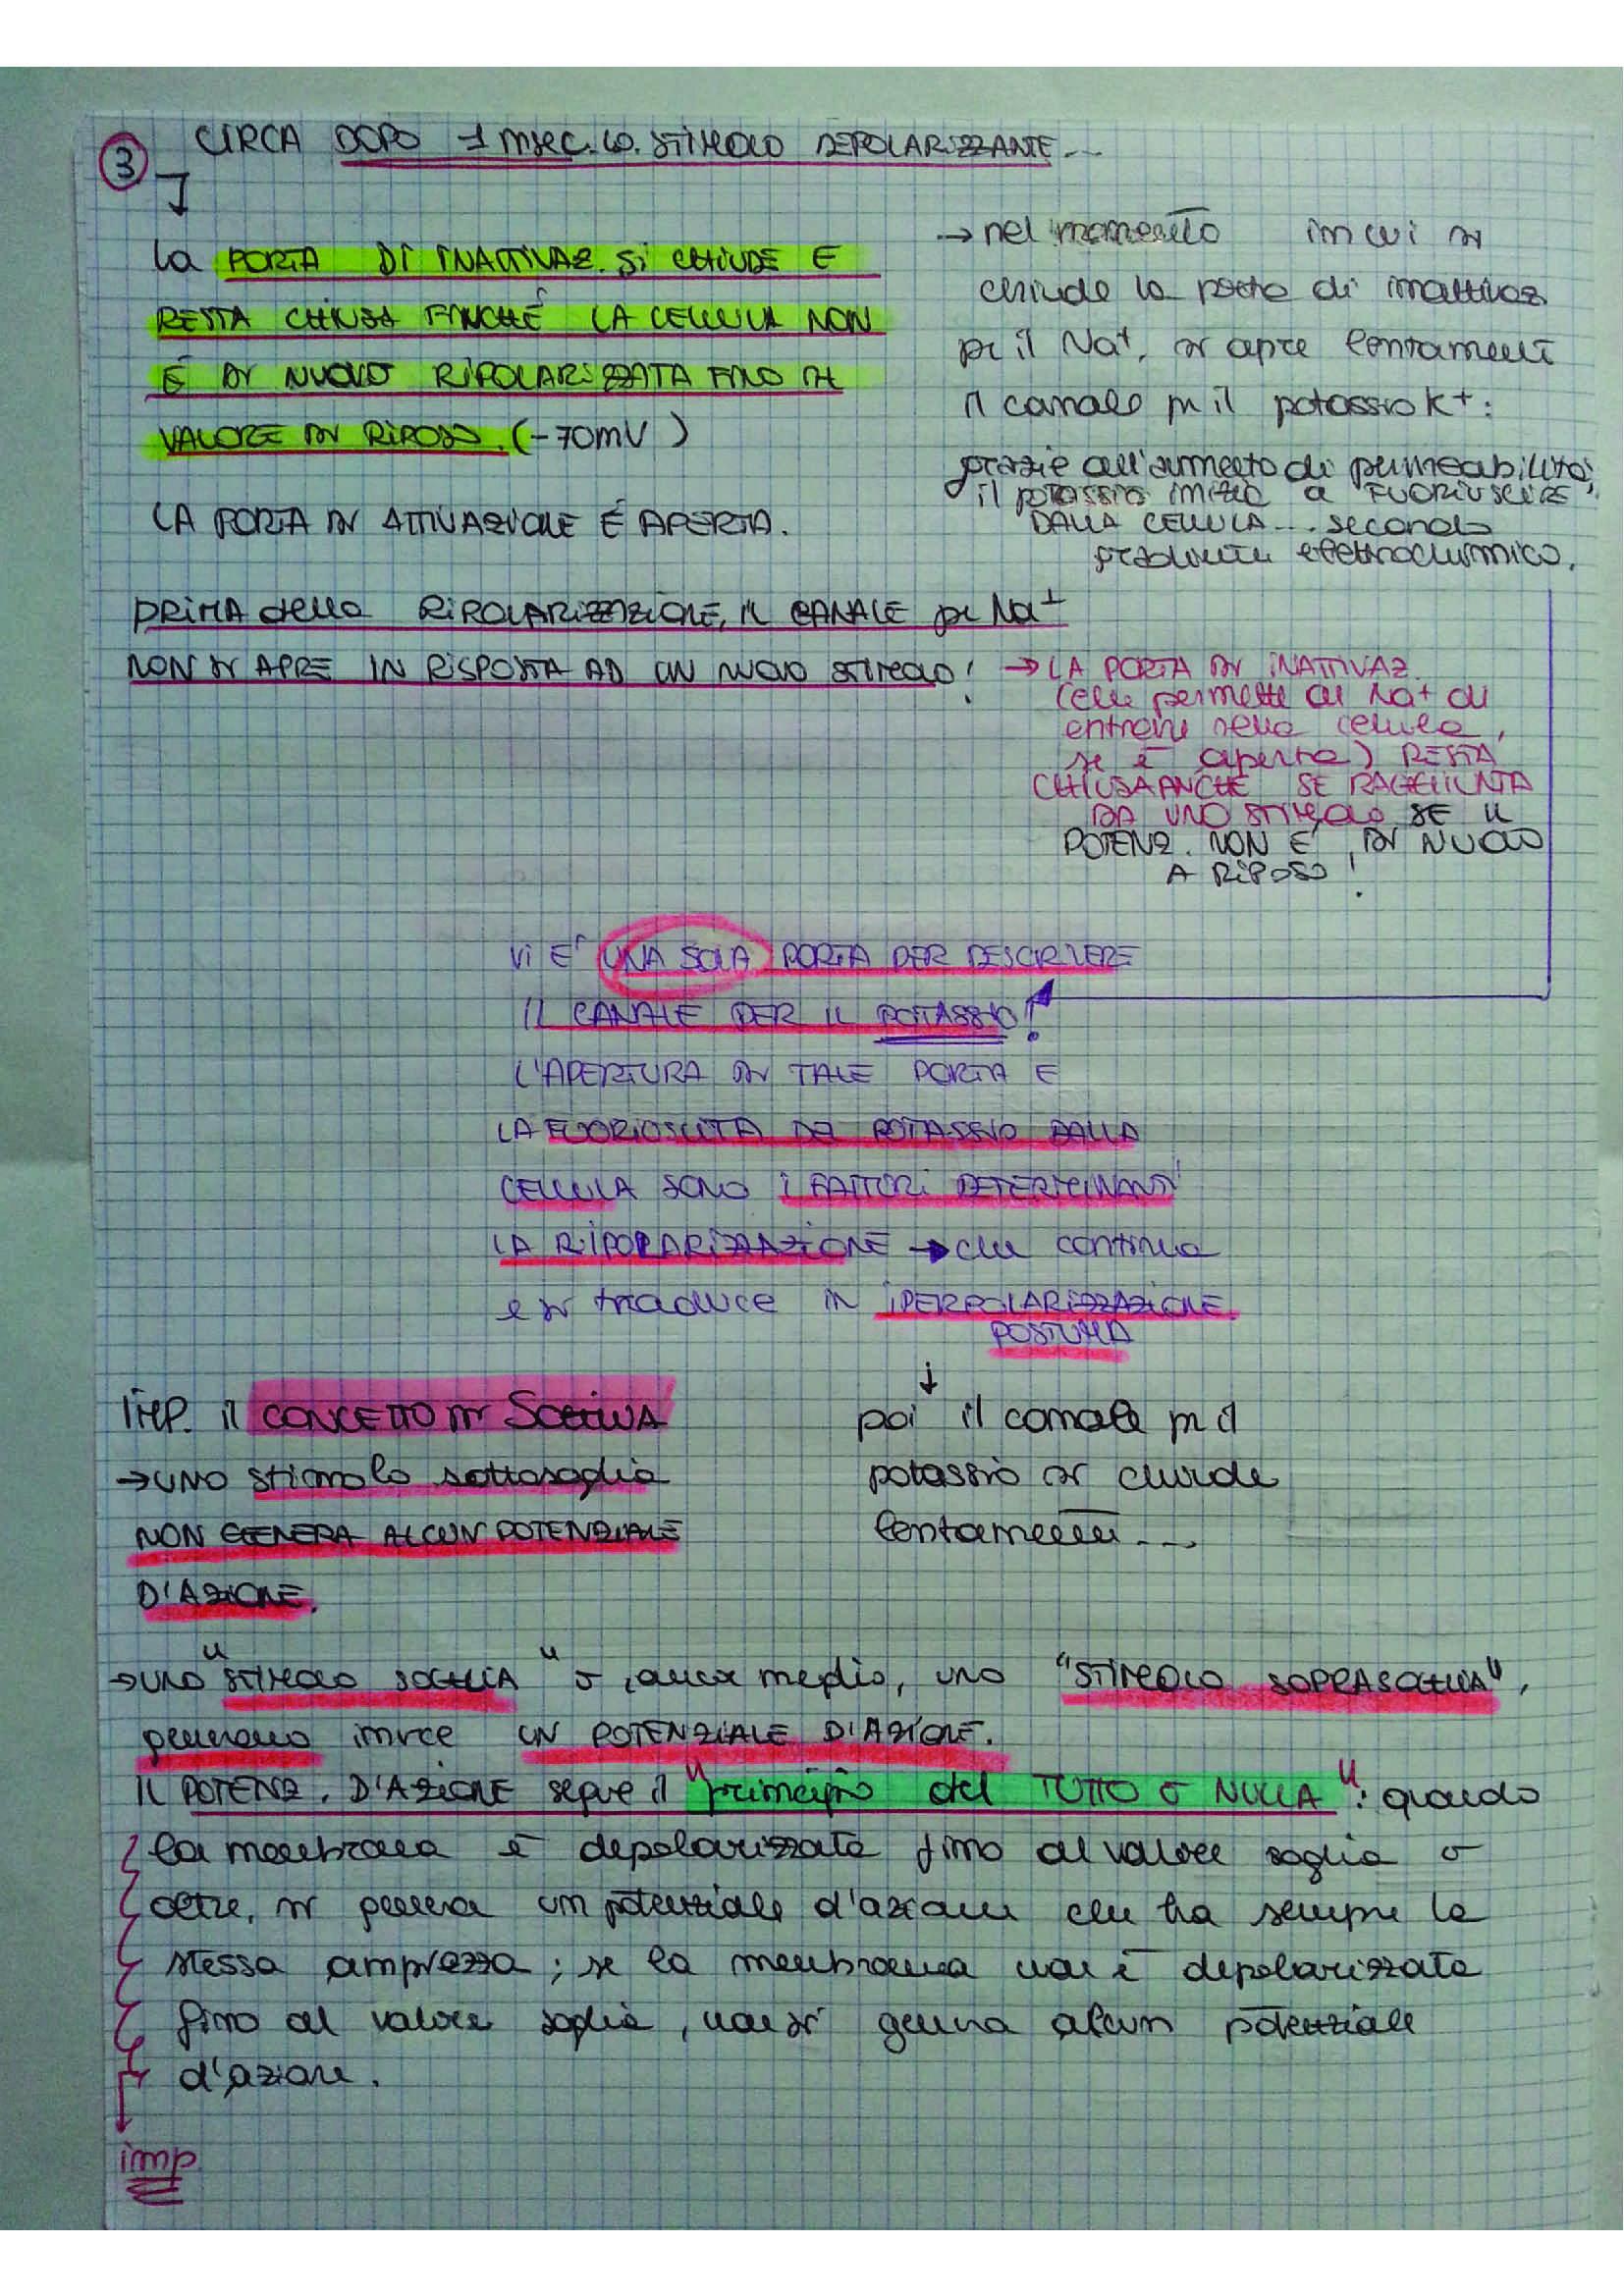 Riassunto esame Fisiologia umana, prof. D'Ascanio, libro consigliato Fisiologia, Stanfield, Germann (sistema nervoso) Pag. 26